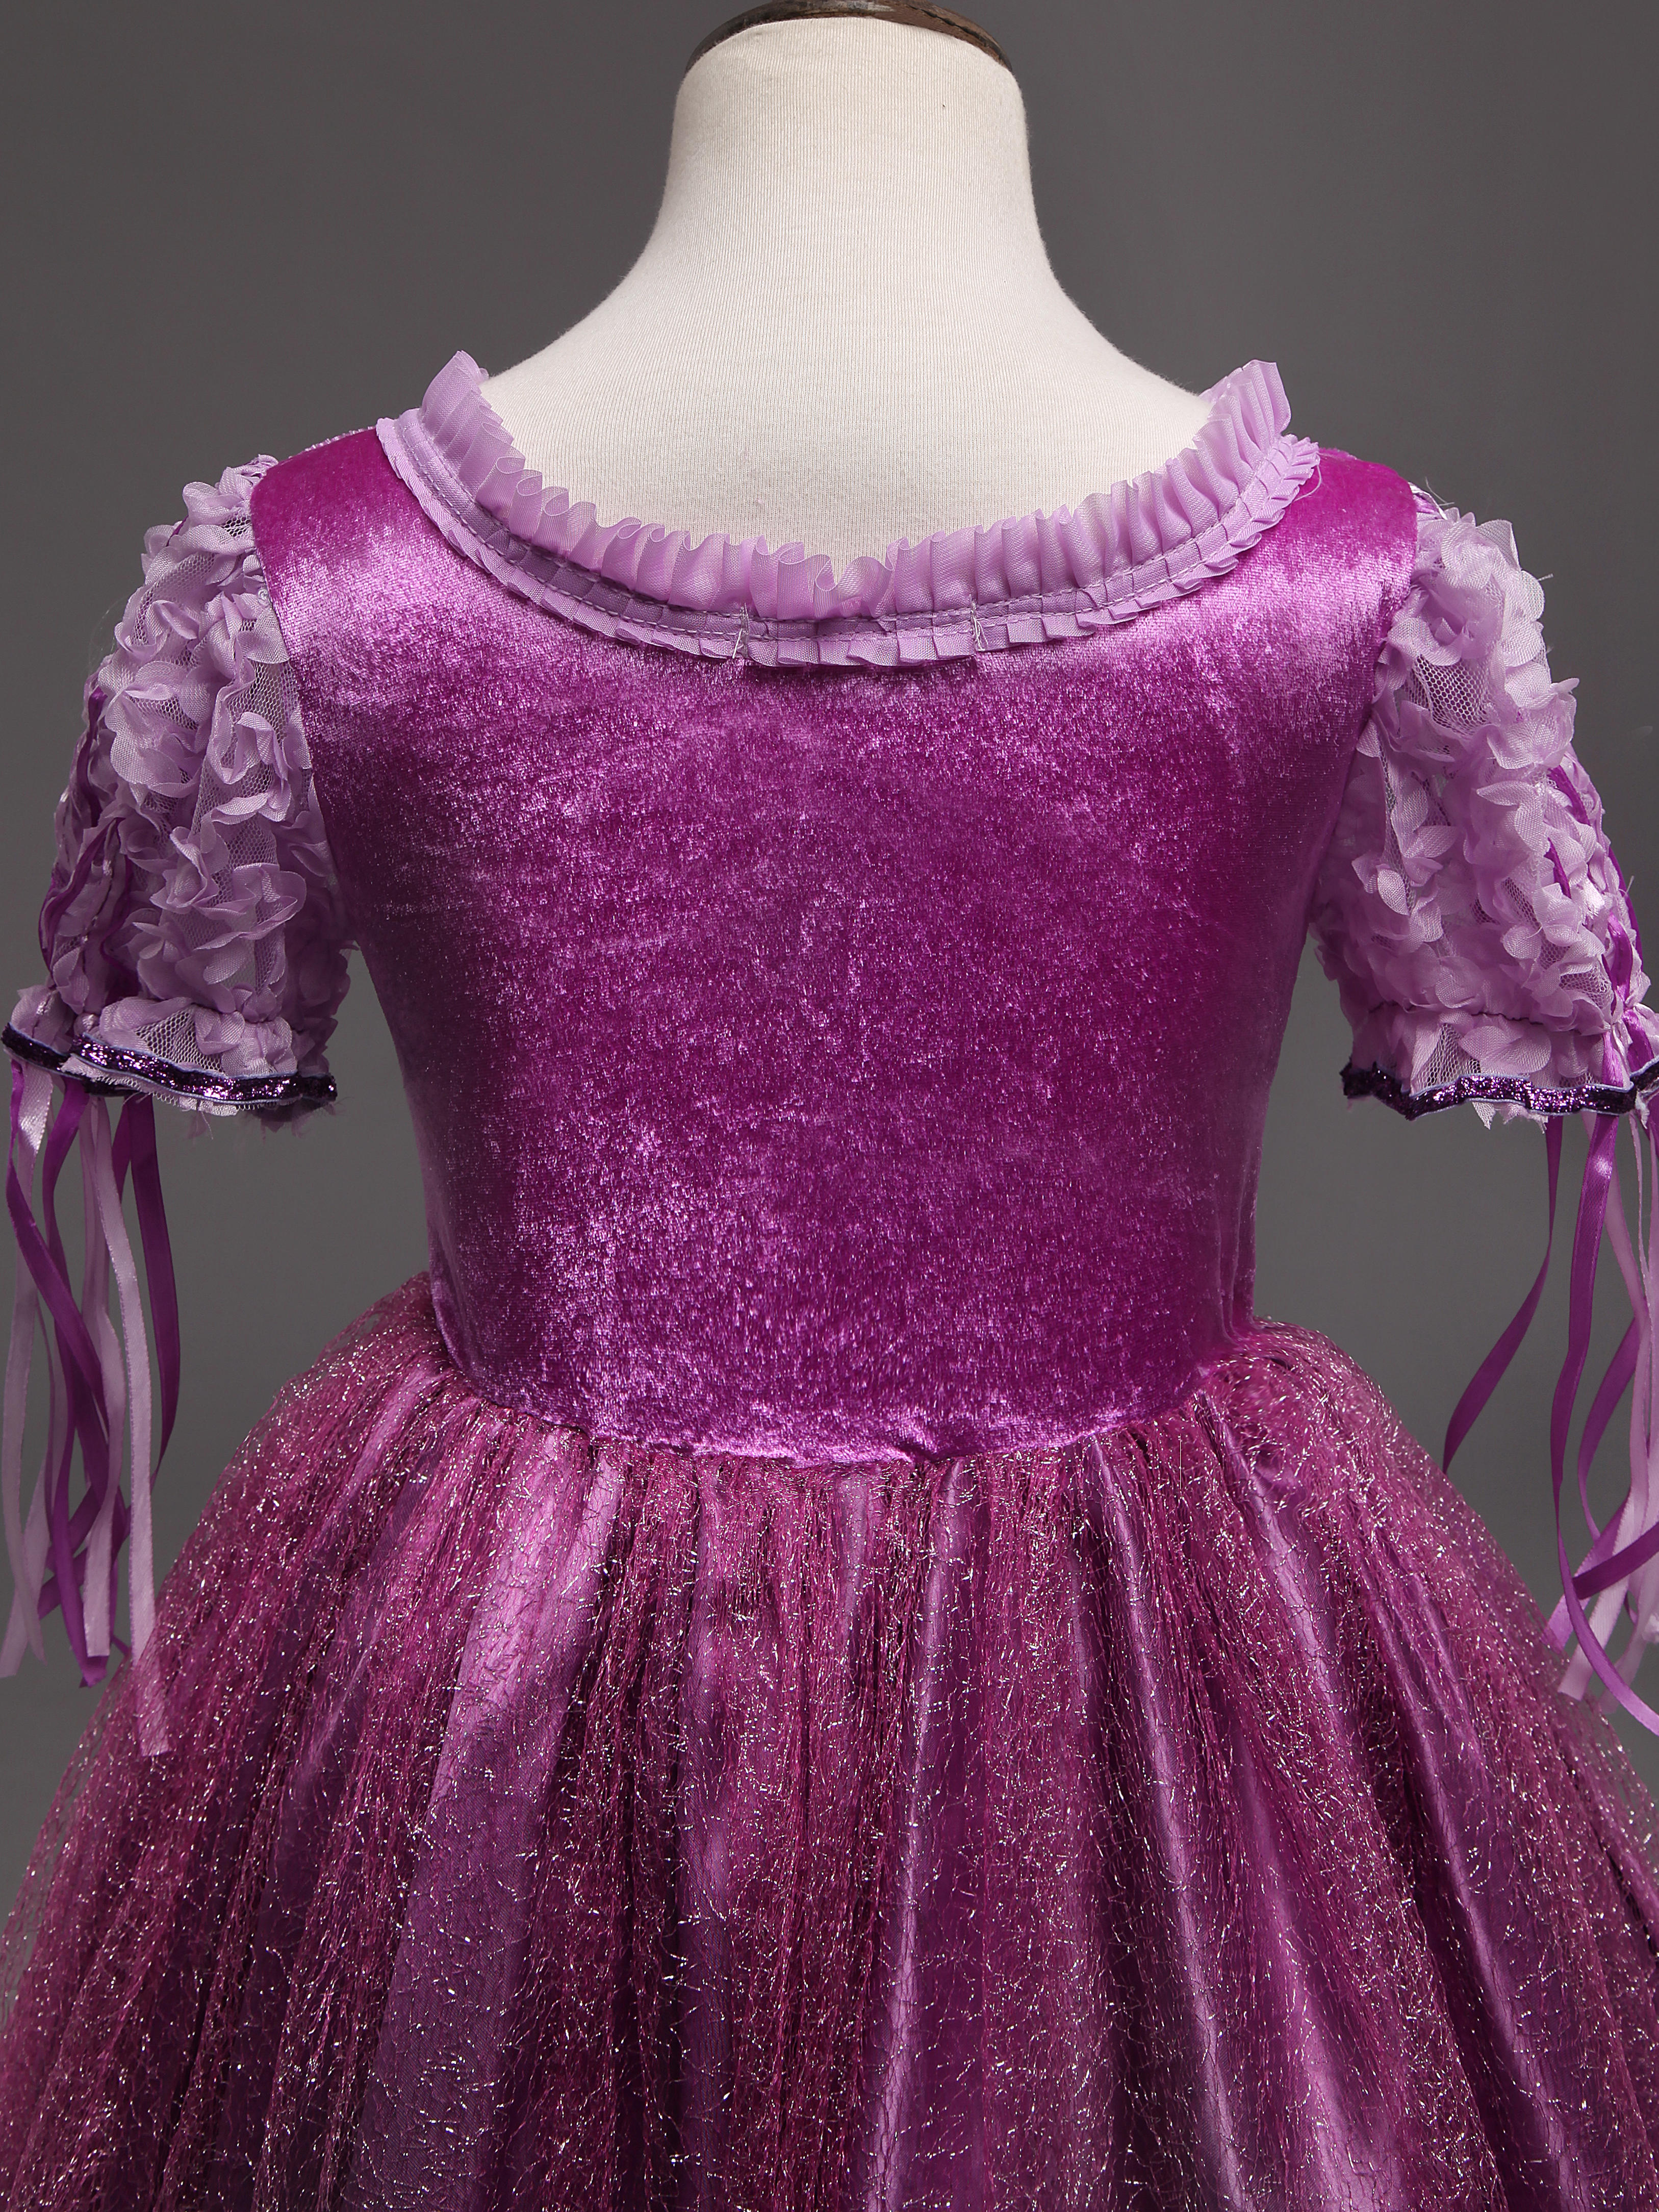 Ausgezeichnet Kleid Für Weihnachten Partei Zeitgenössisch - Hochzeit ...